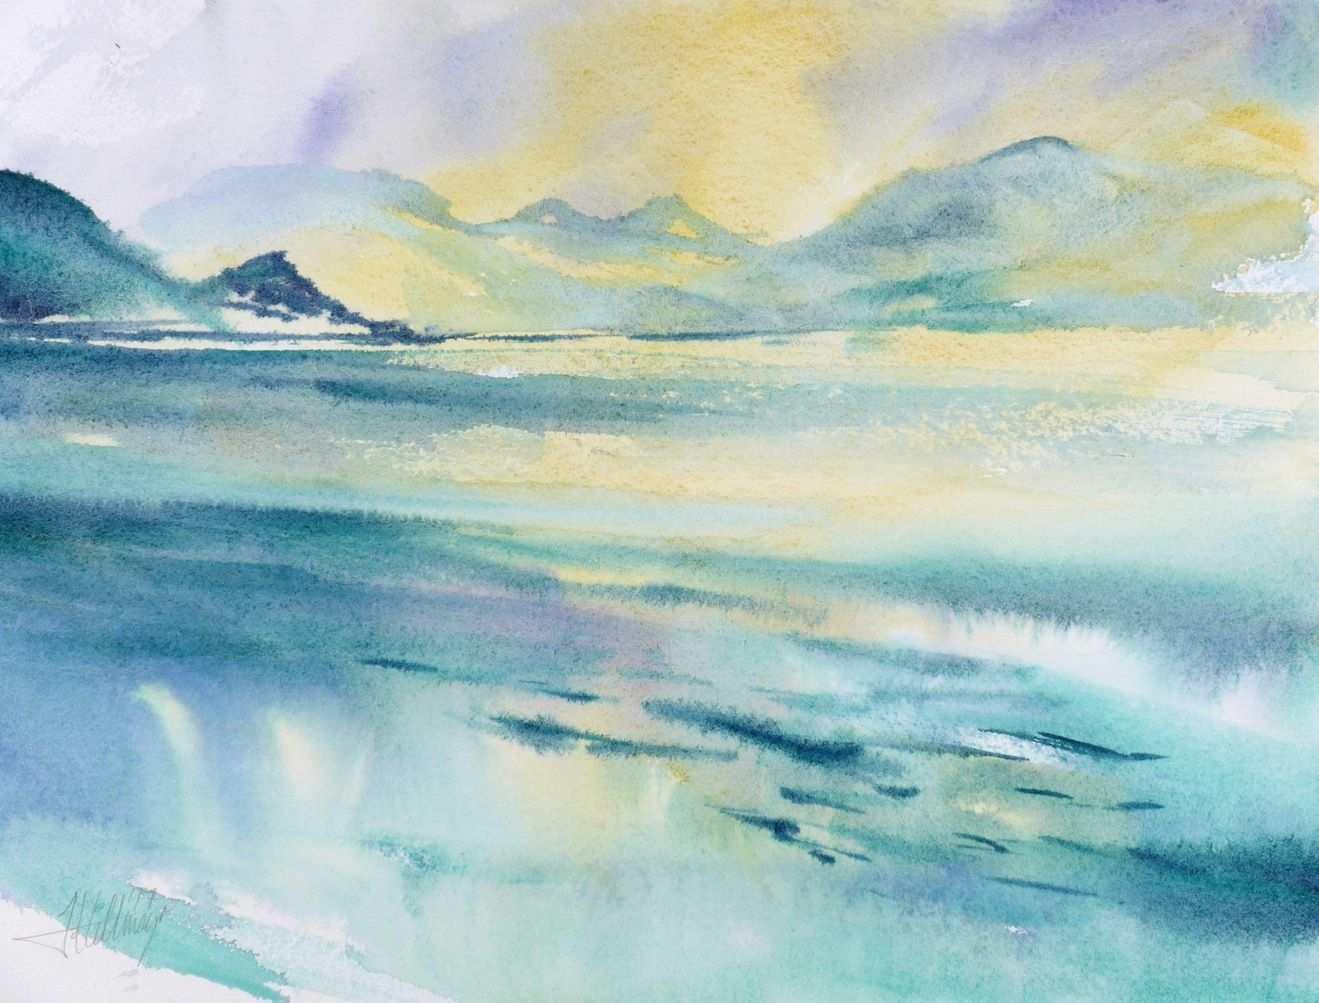 Comer See Aquarell Landschaften Aquarellmalerei Aquarell